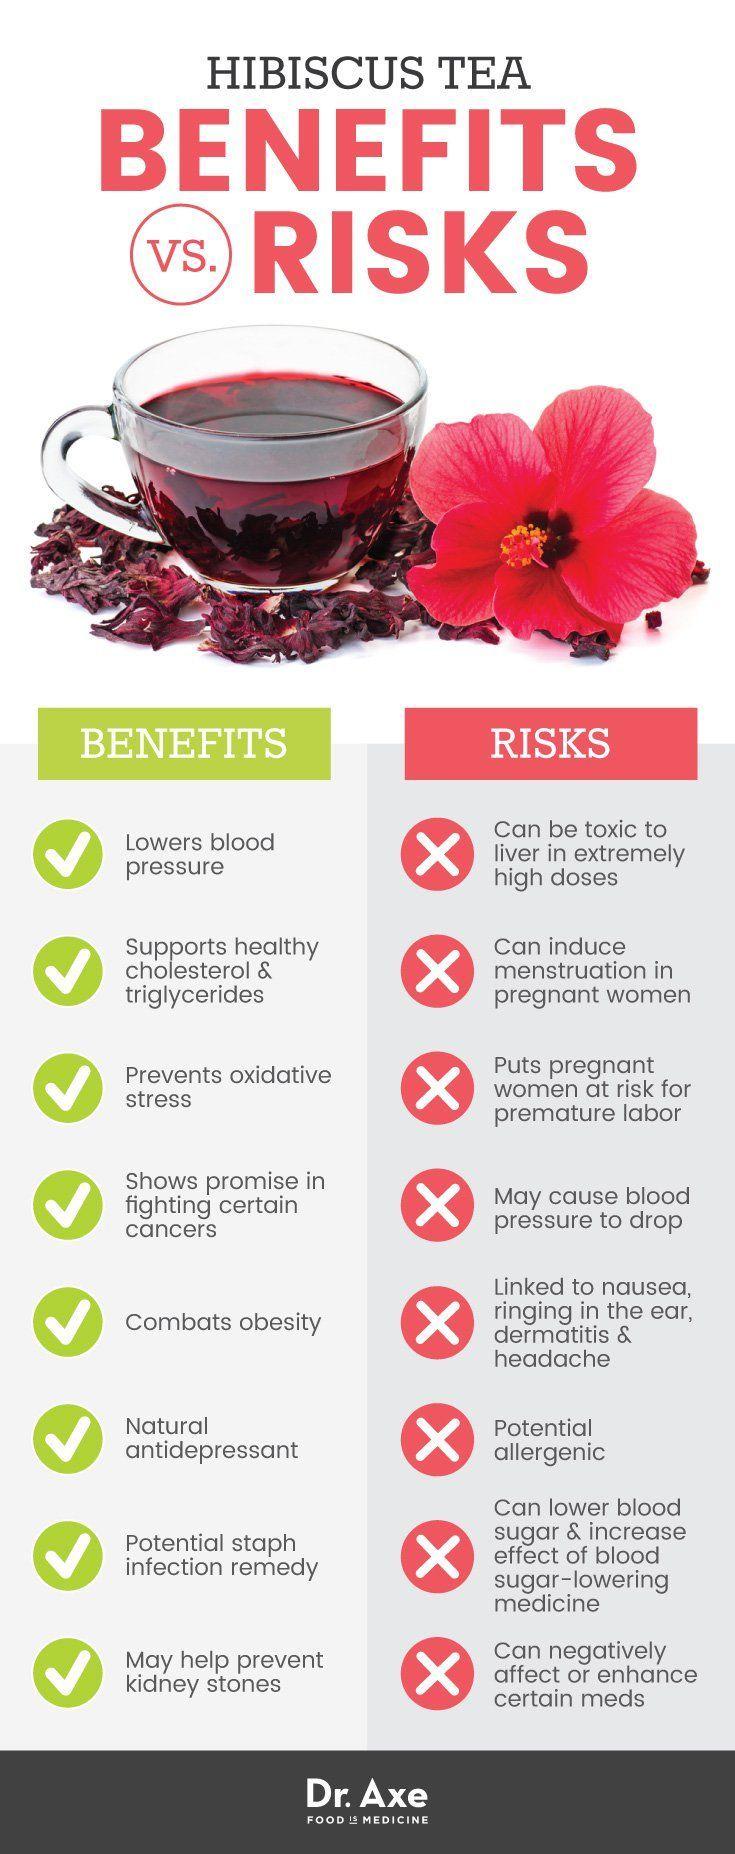 Hibiscus Tea Benefits Vs Risks Dr Axe Hibiscus Tea Benefits Hibiscus Tea Tea Benefits